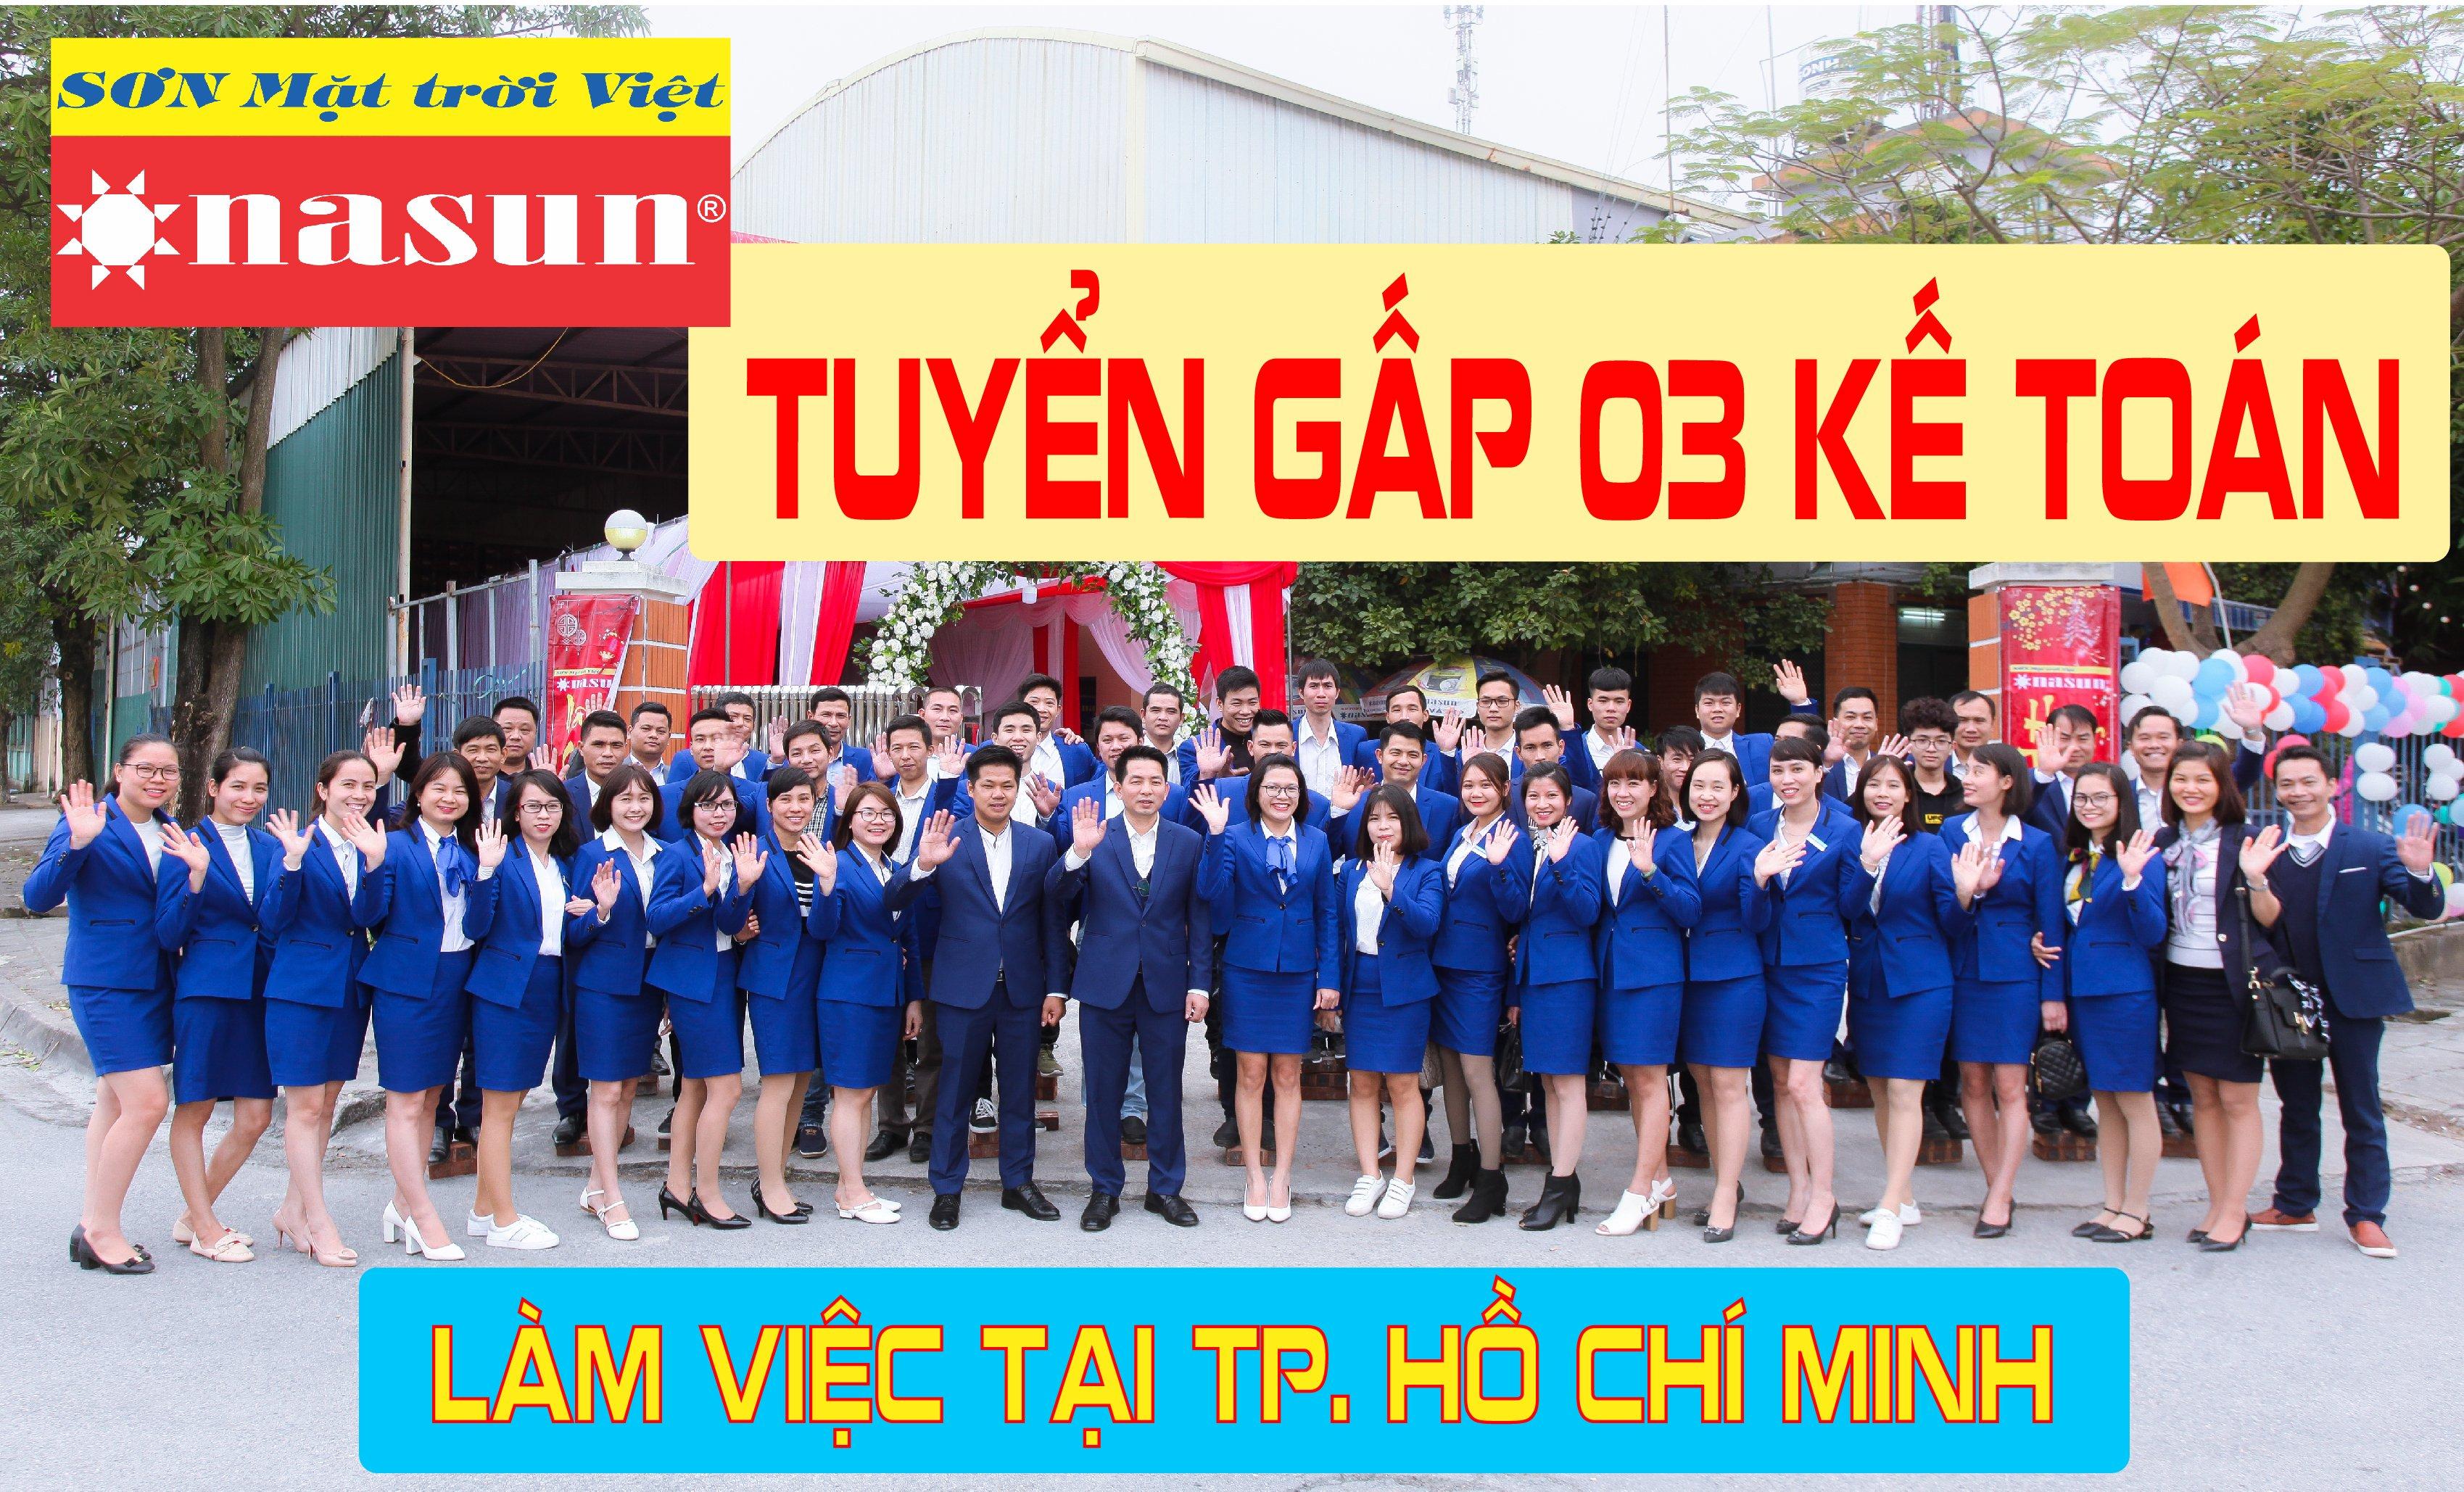 Tuyển 3 Nhân viên kế toán làm việc tại TP Hồ Chí Minh